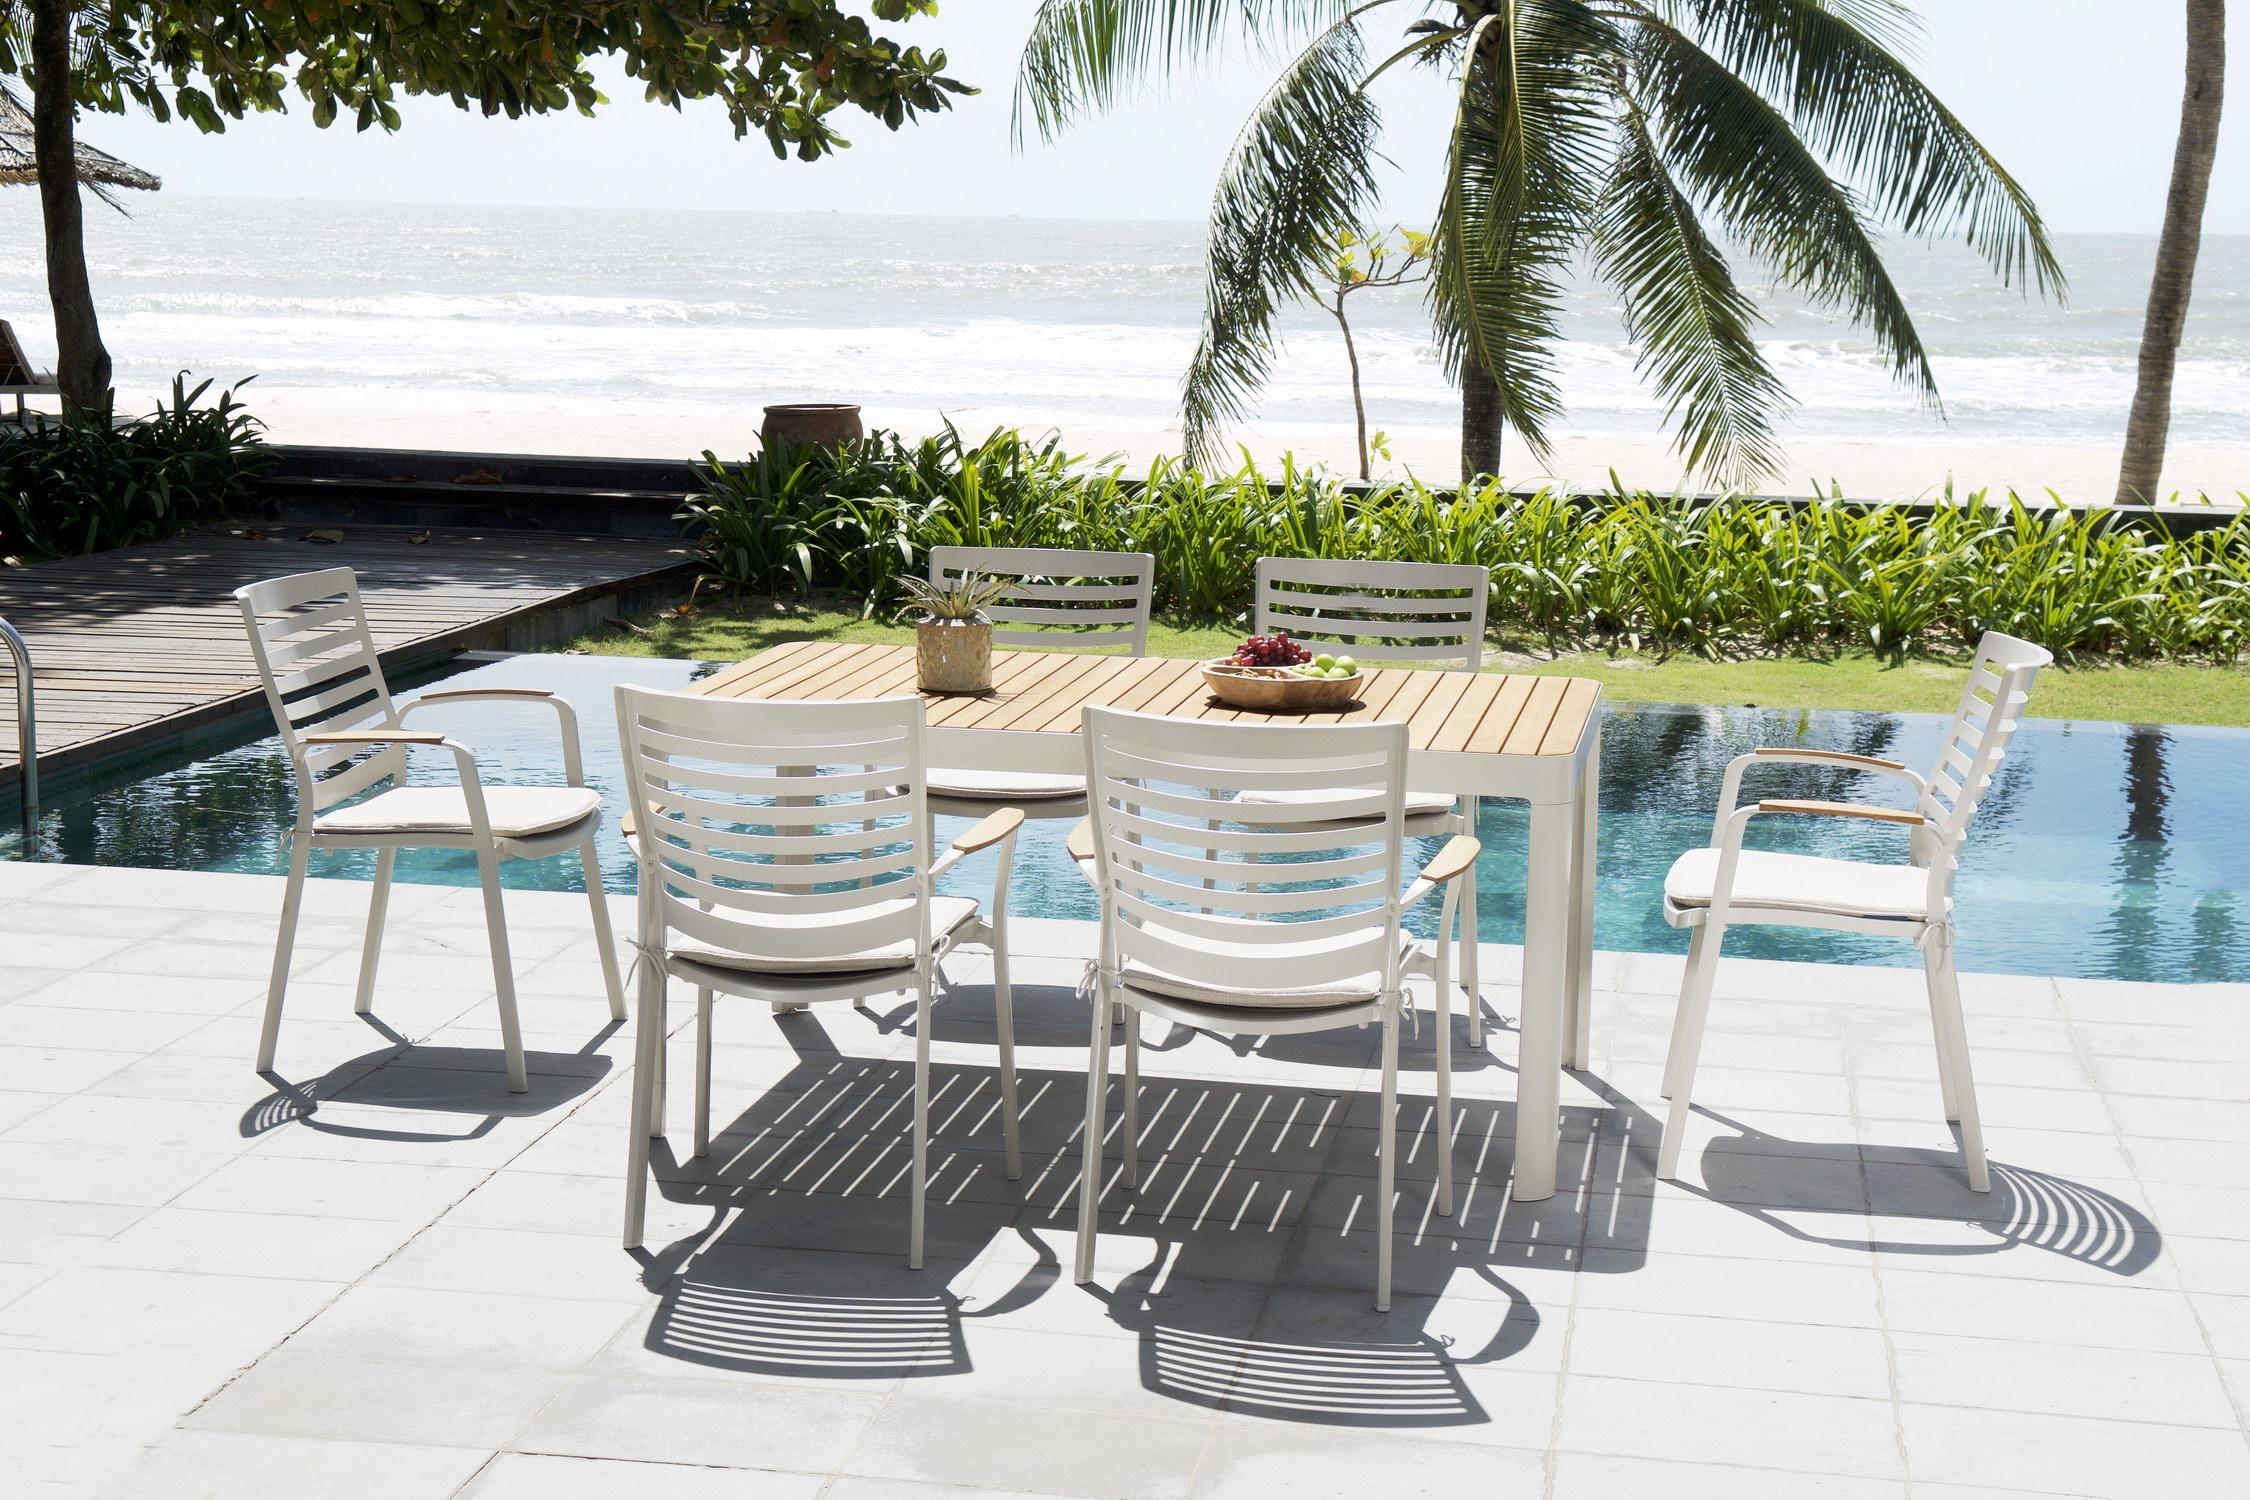 Inspiración de muebles de jardín